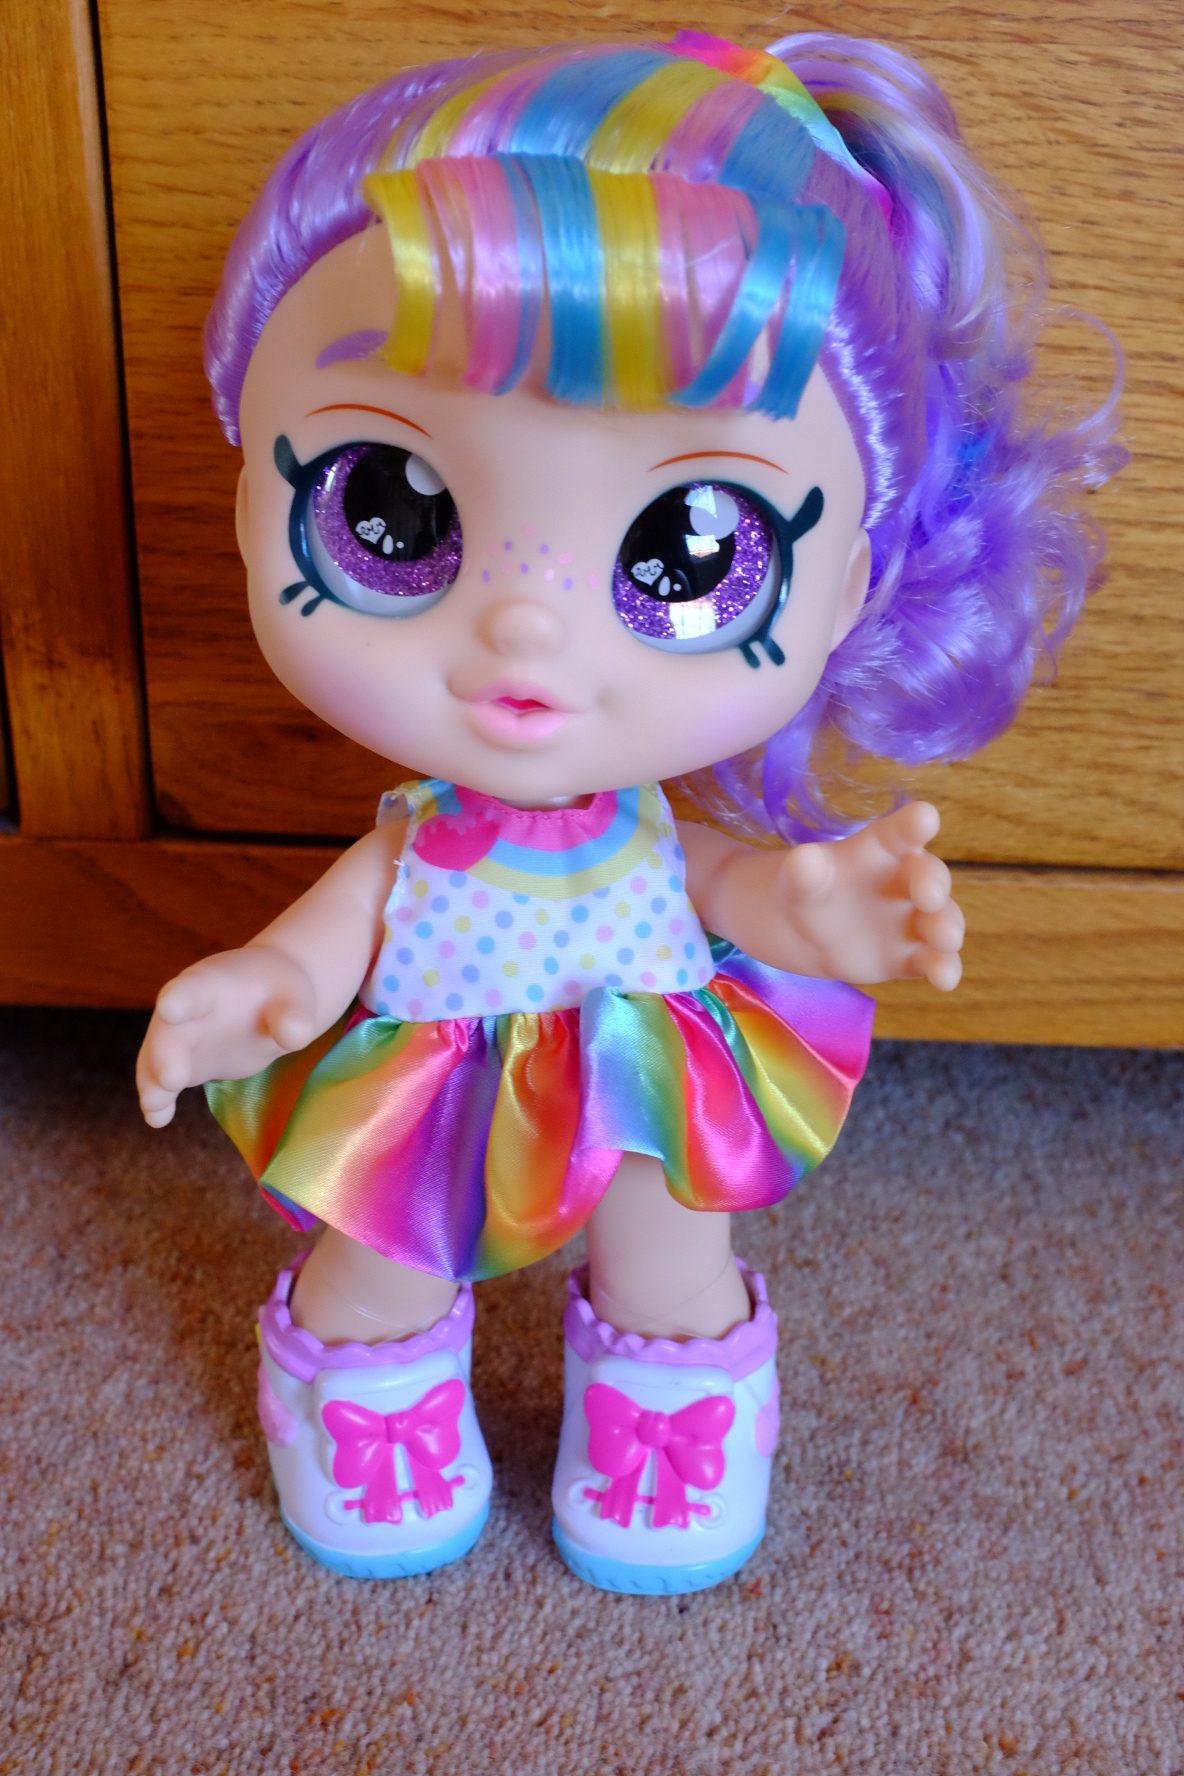 kindi kids rainbow kate doll